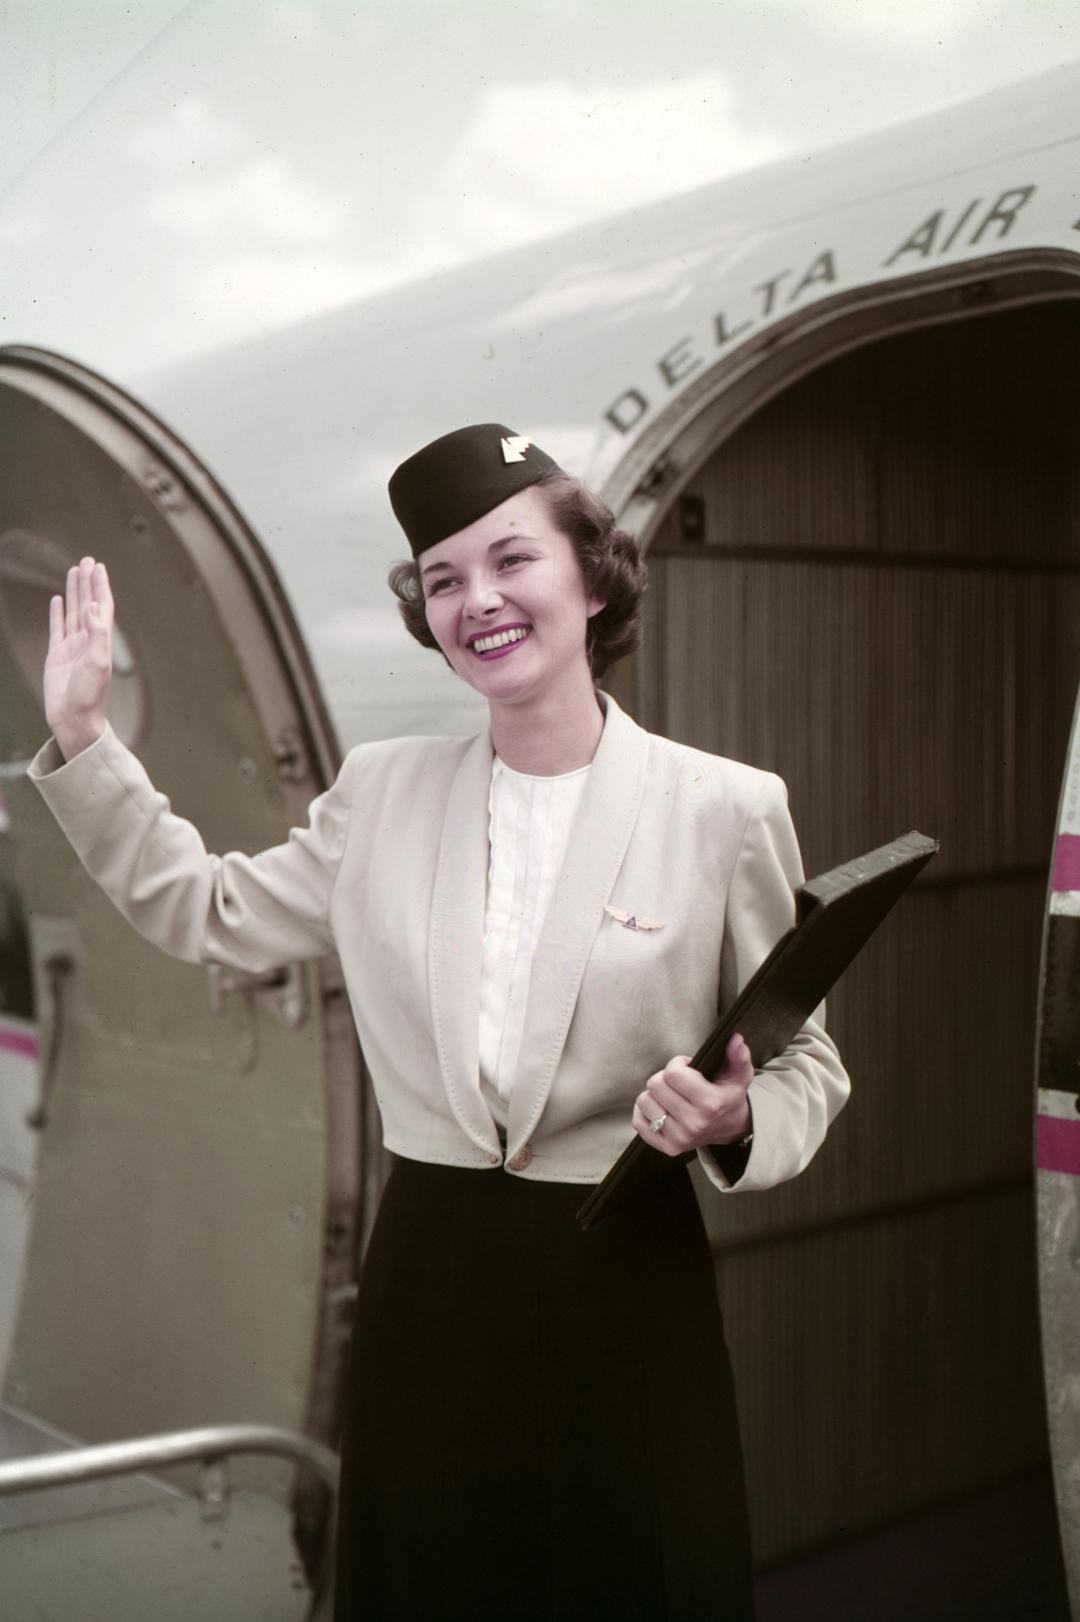 Delta Uniforms 1948-1953